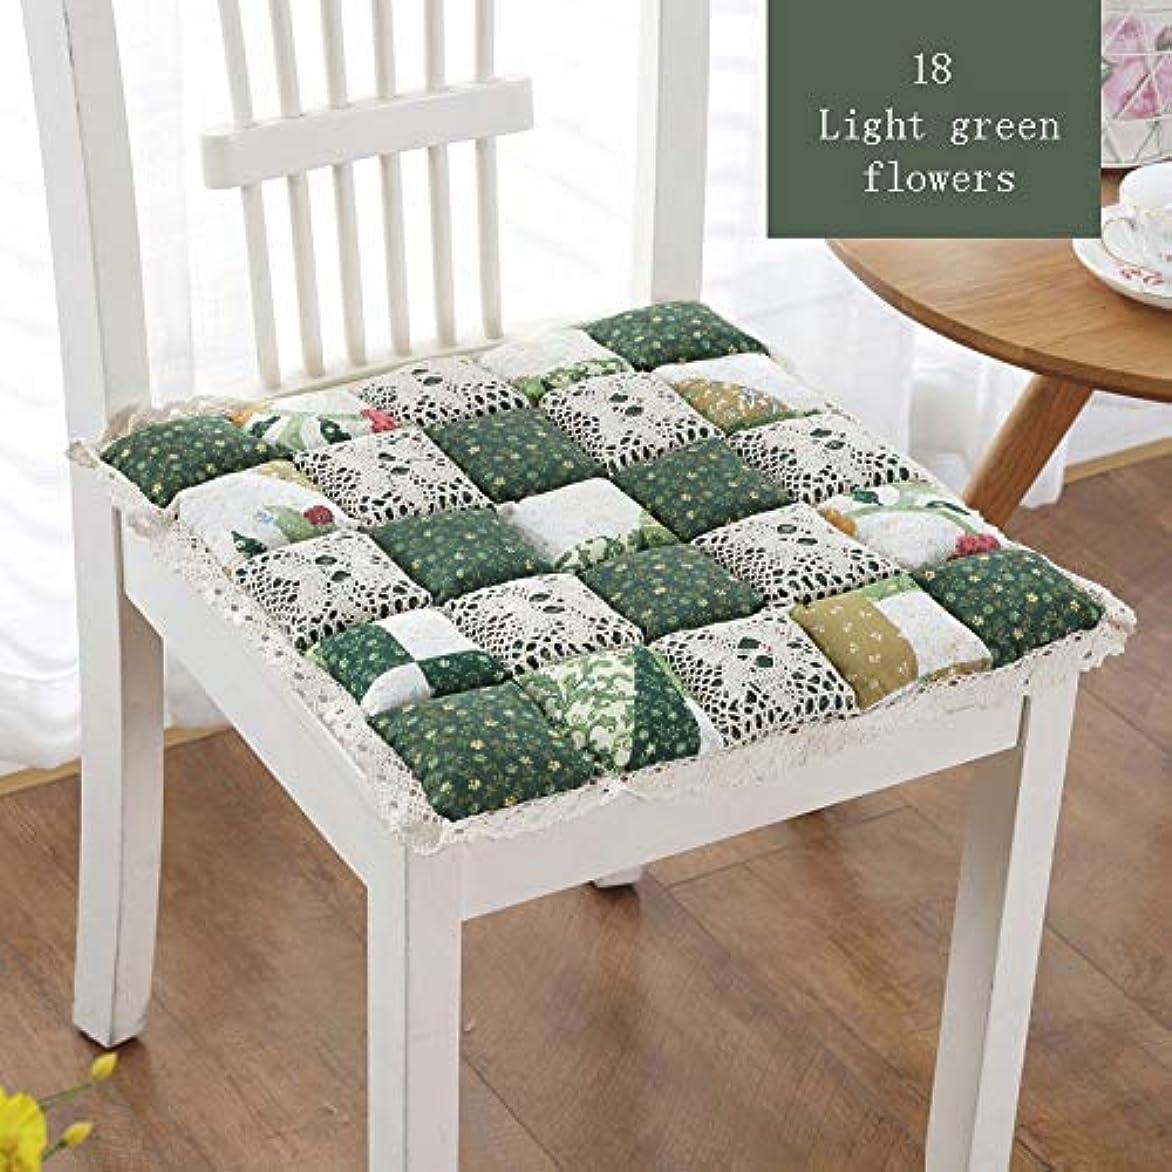 騒乱行き当たりばったり変化するLIFE 1 個抗褥瘡綿椅子クッション 24 色ファッションオフィス正方形クッション学生チェアクッション家の装飾厚み クッション 椅子